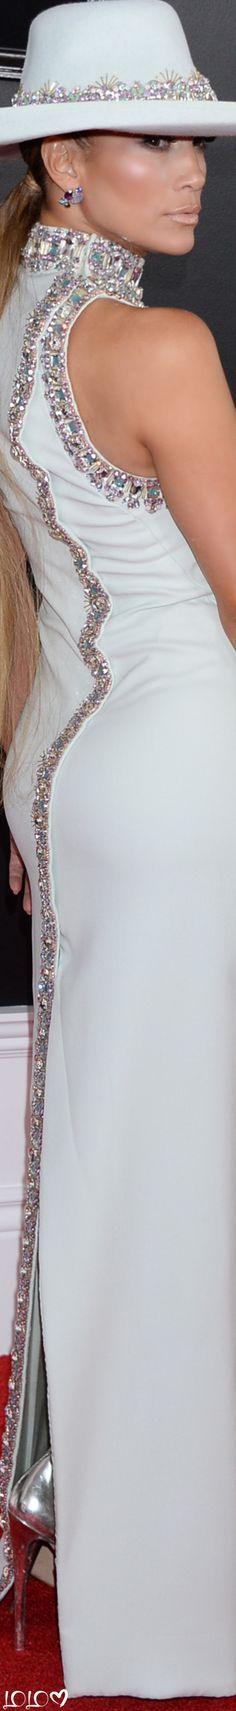 3757f24d38d4 Jennifer Lopez 2019 Grammy Awards #jenniferlopez #GrammyAwards #redcarpet  Red Carpet Event, Jennifer